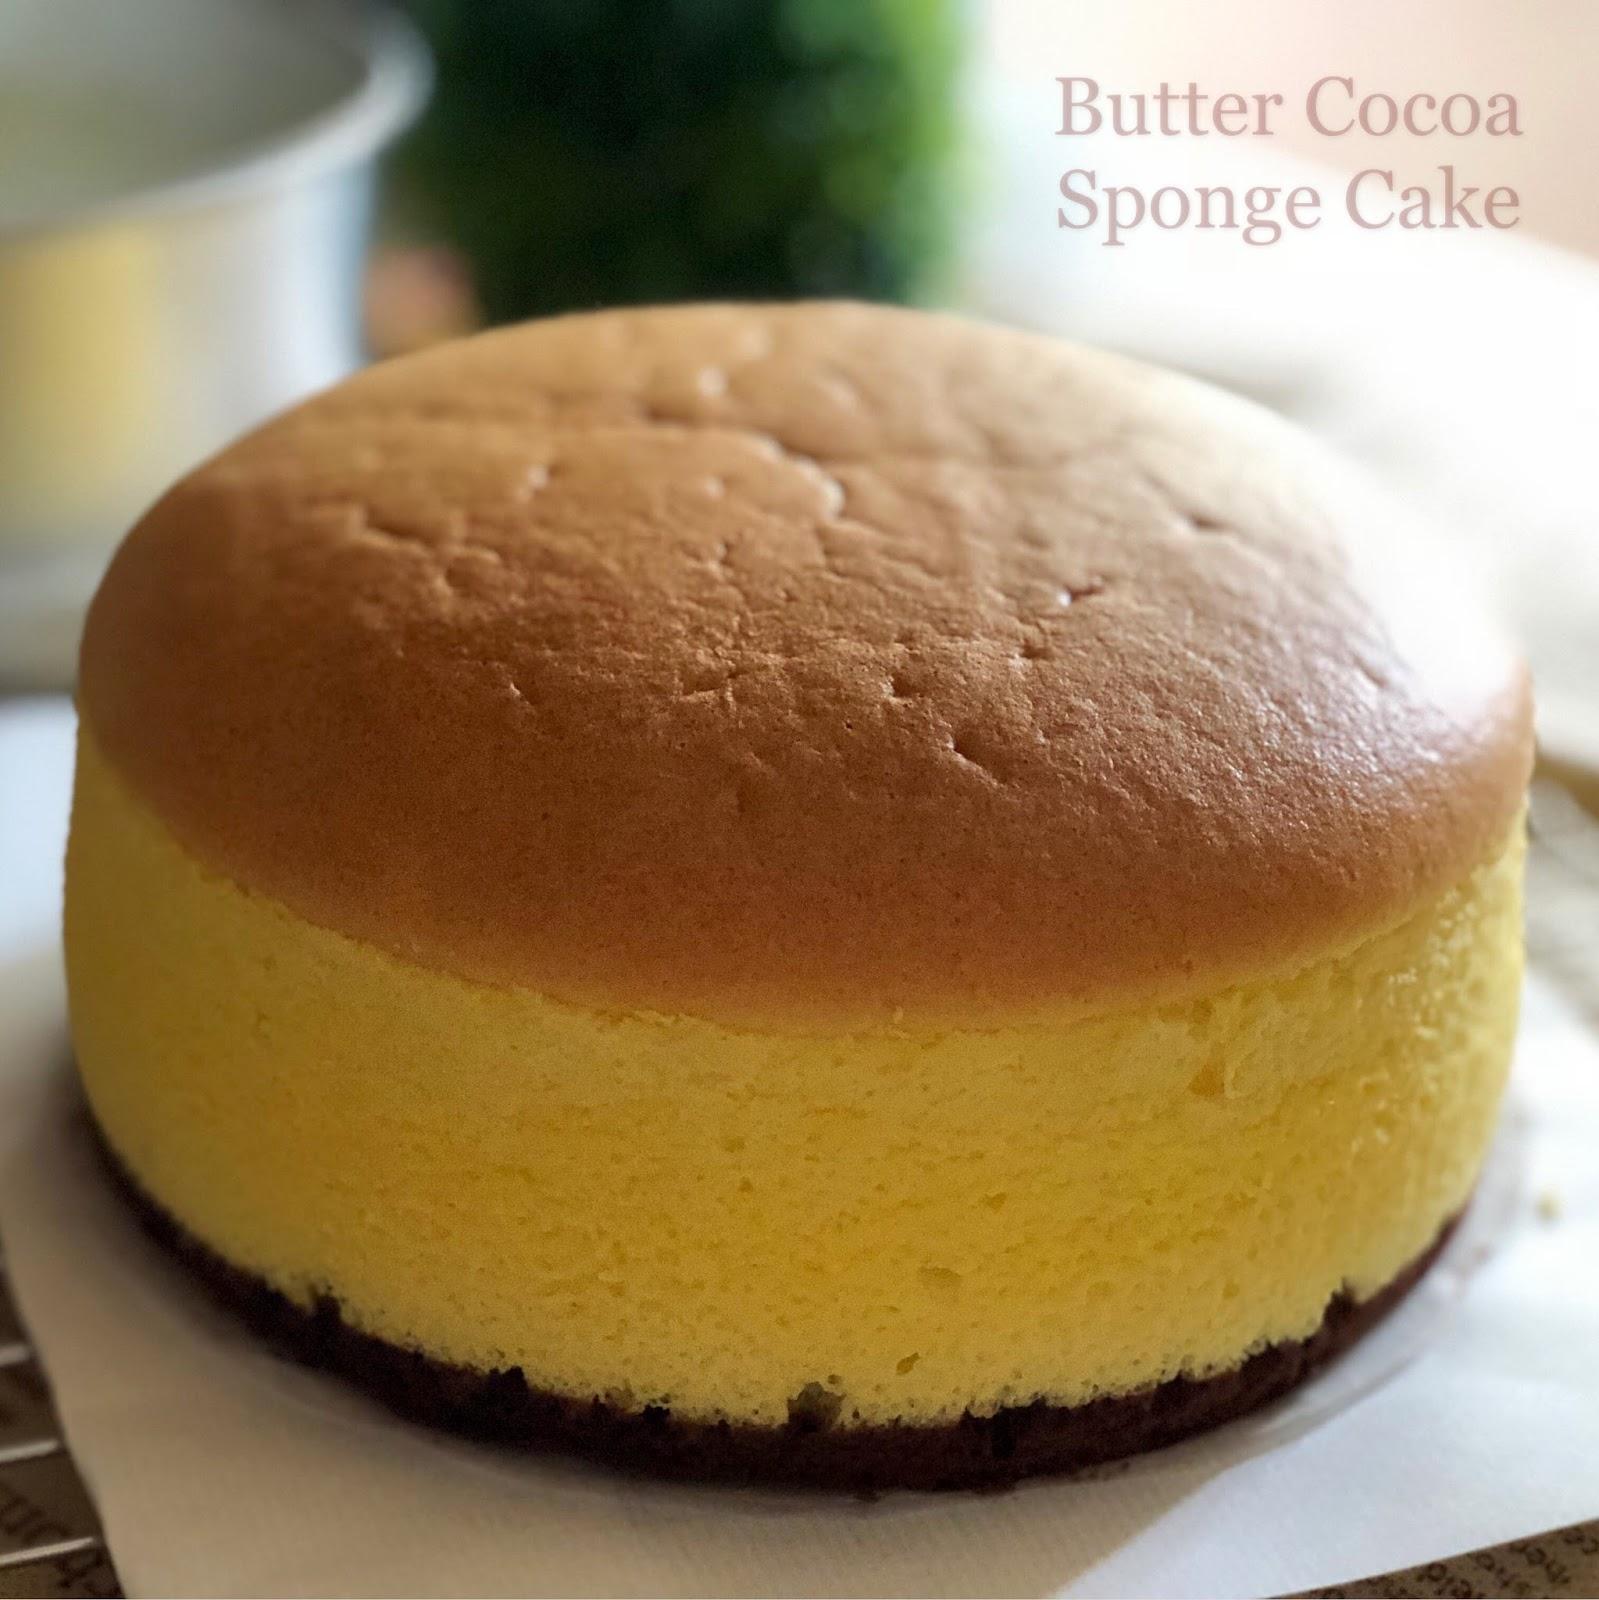 My Mind Patch Butter Cocoa Sponge Cake 奶油可可海绵蛋糕